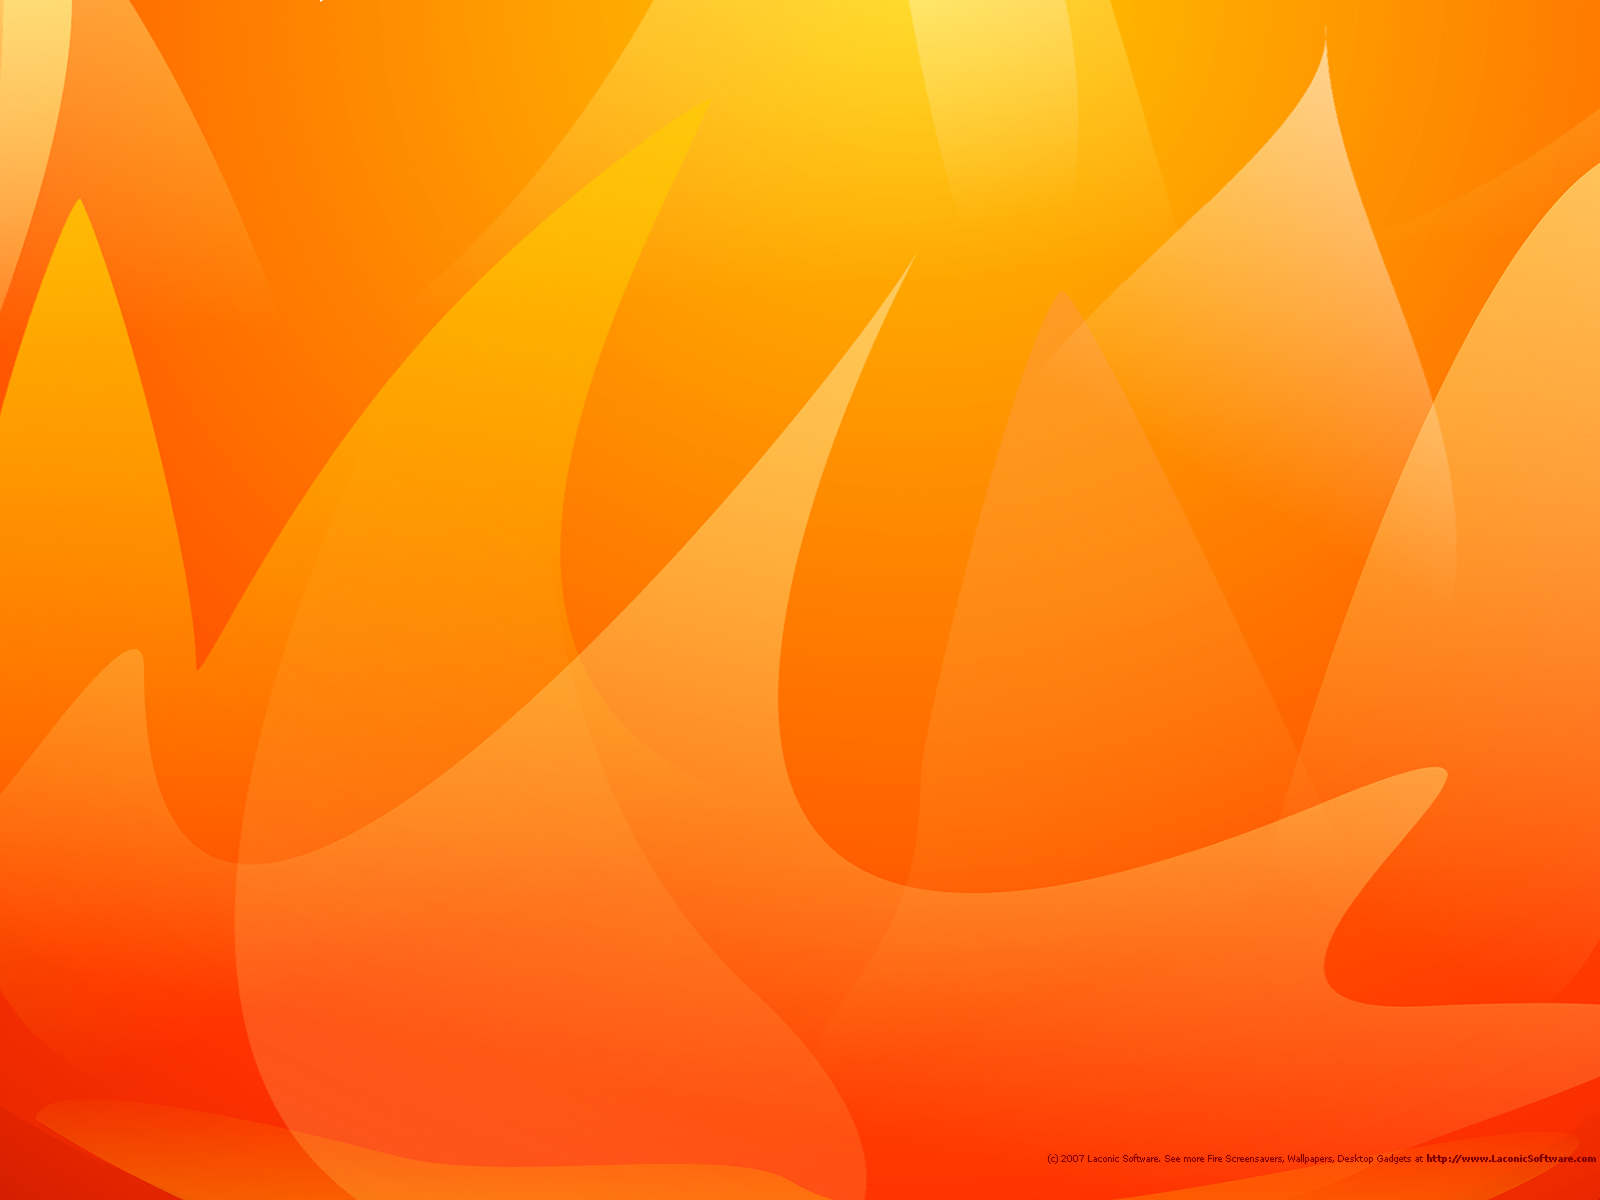 Plangton Wallpaper flames wallpaper 1600x1200